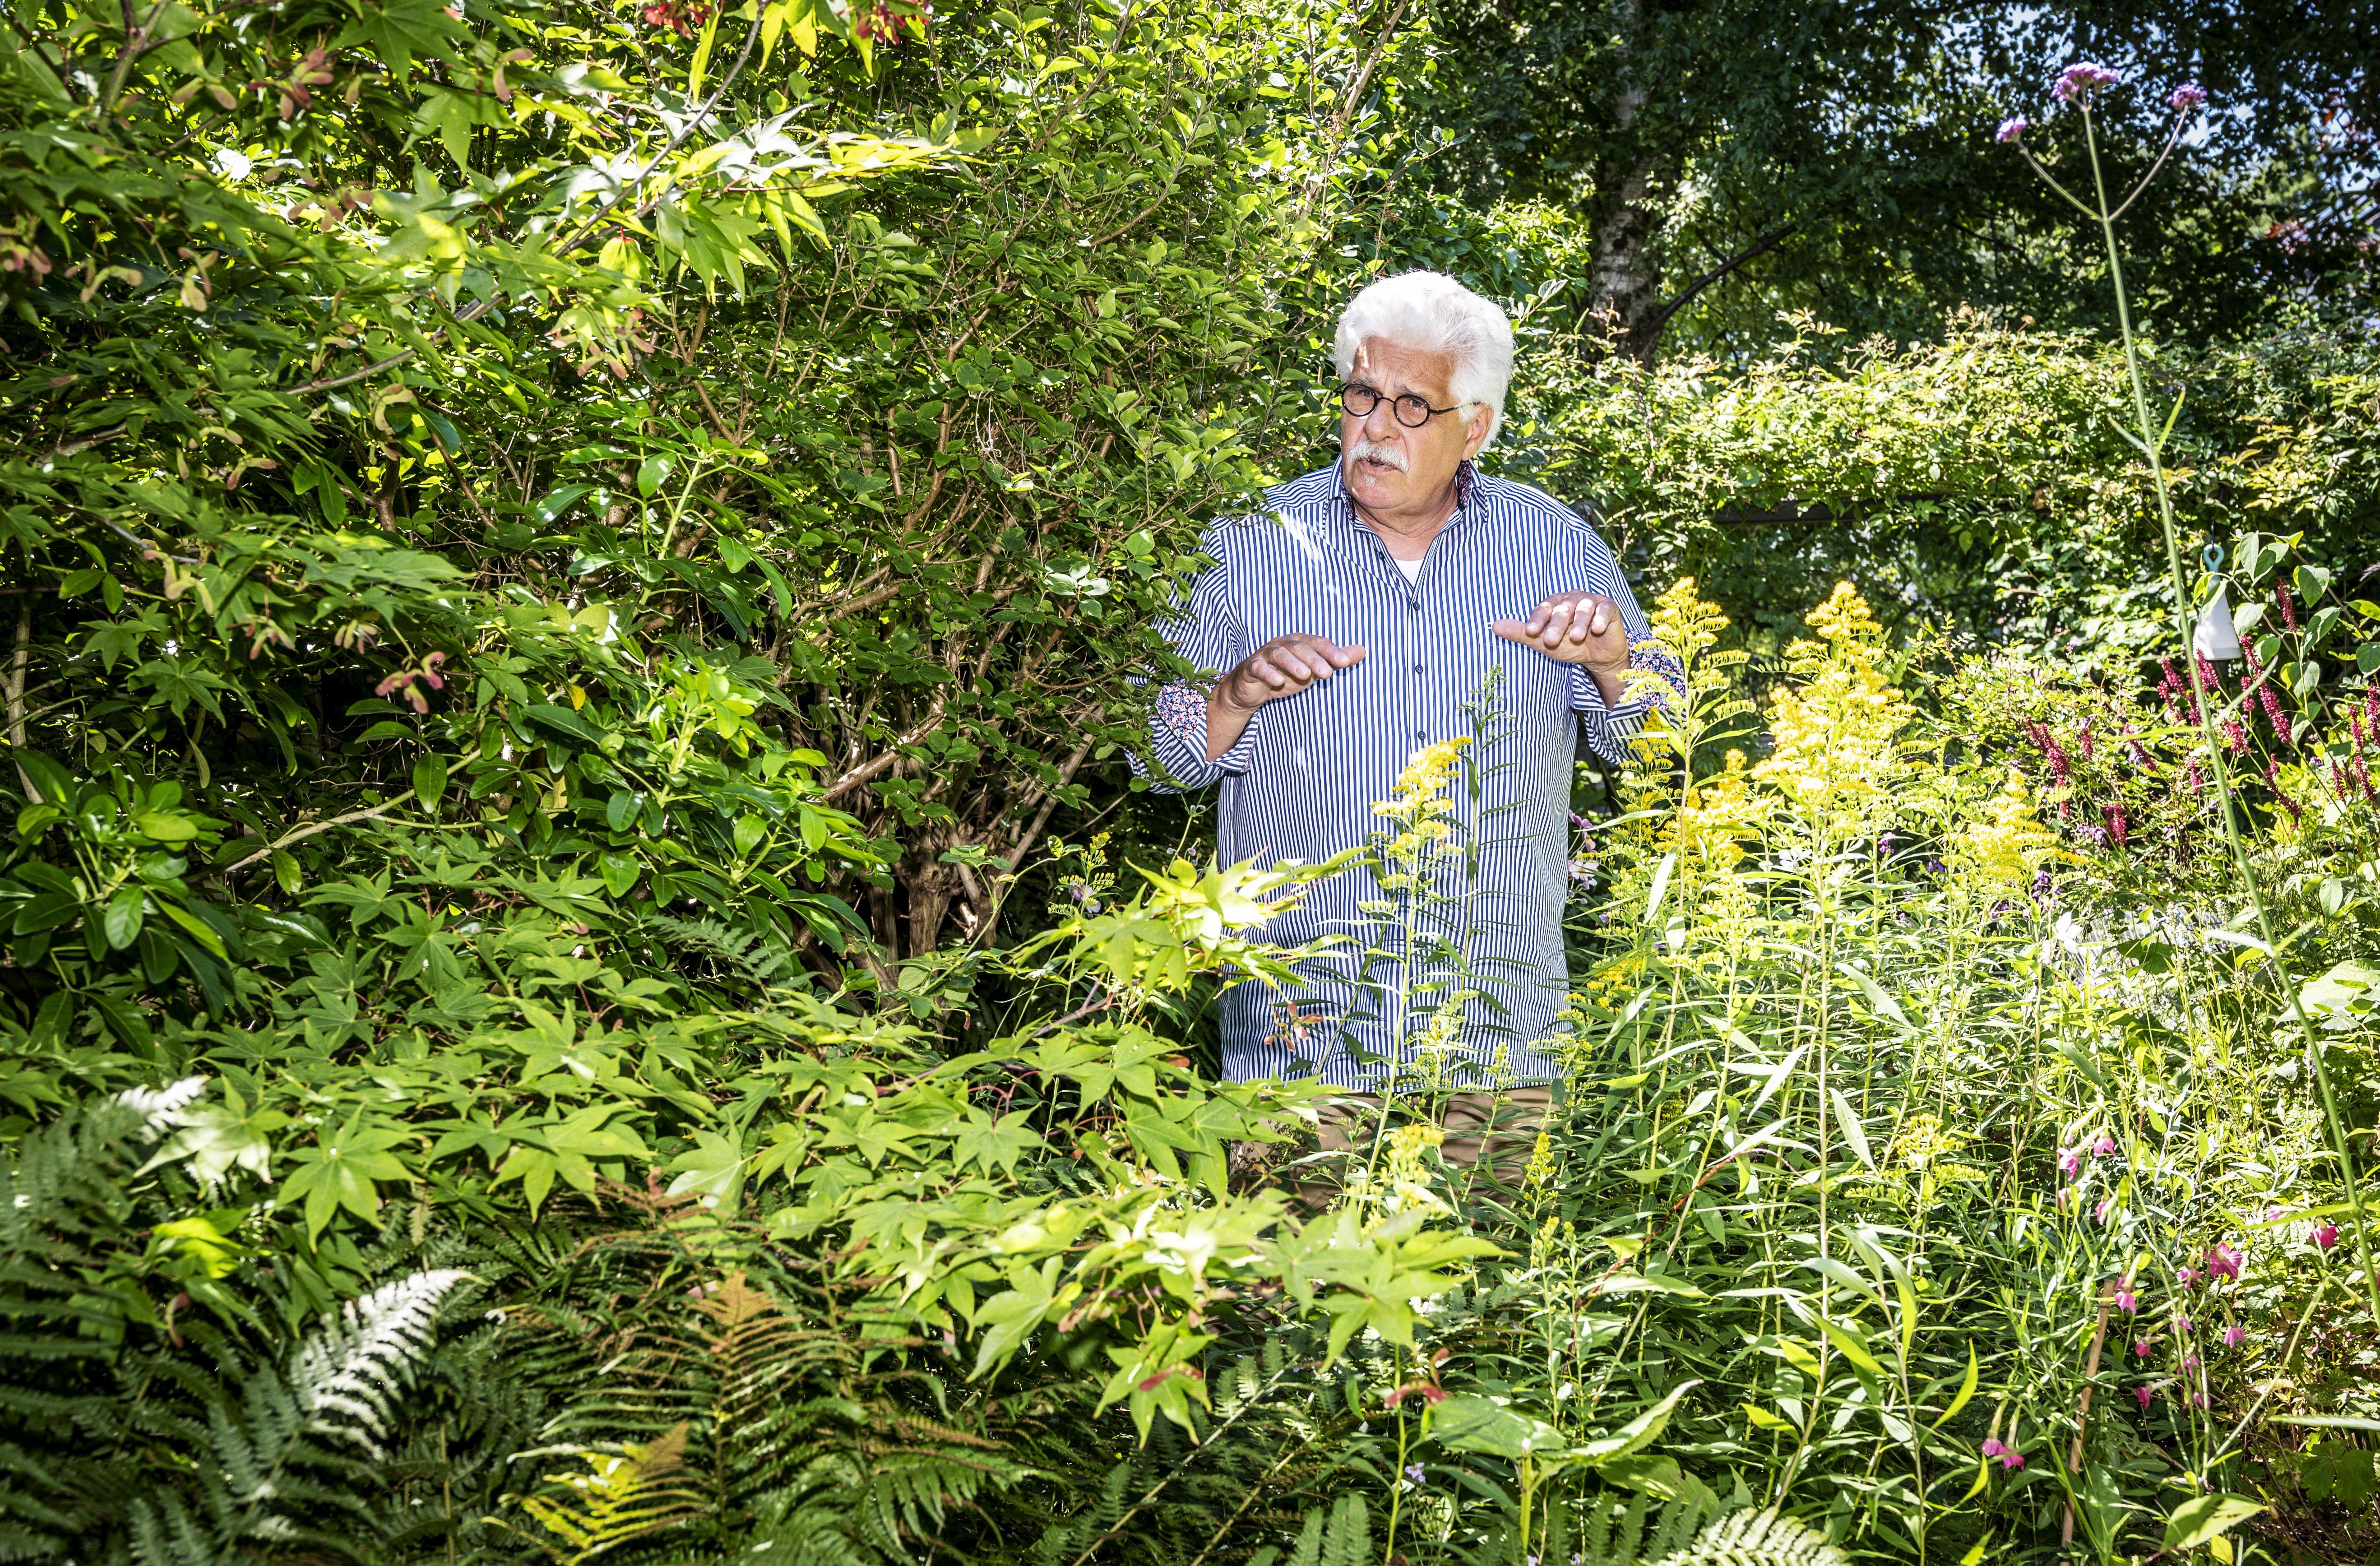 De strijd tegen de stenen van Haarlemmer Peter Bulsing: 'Wij denken ten onrechte boven de natuur te staan'